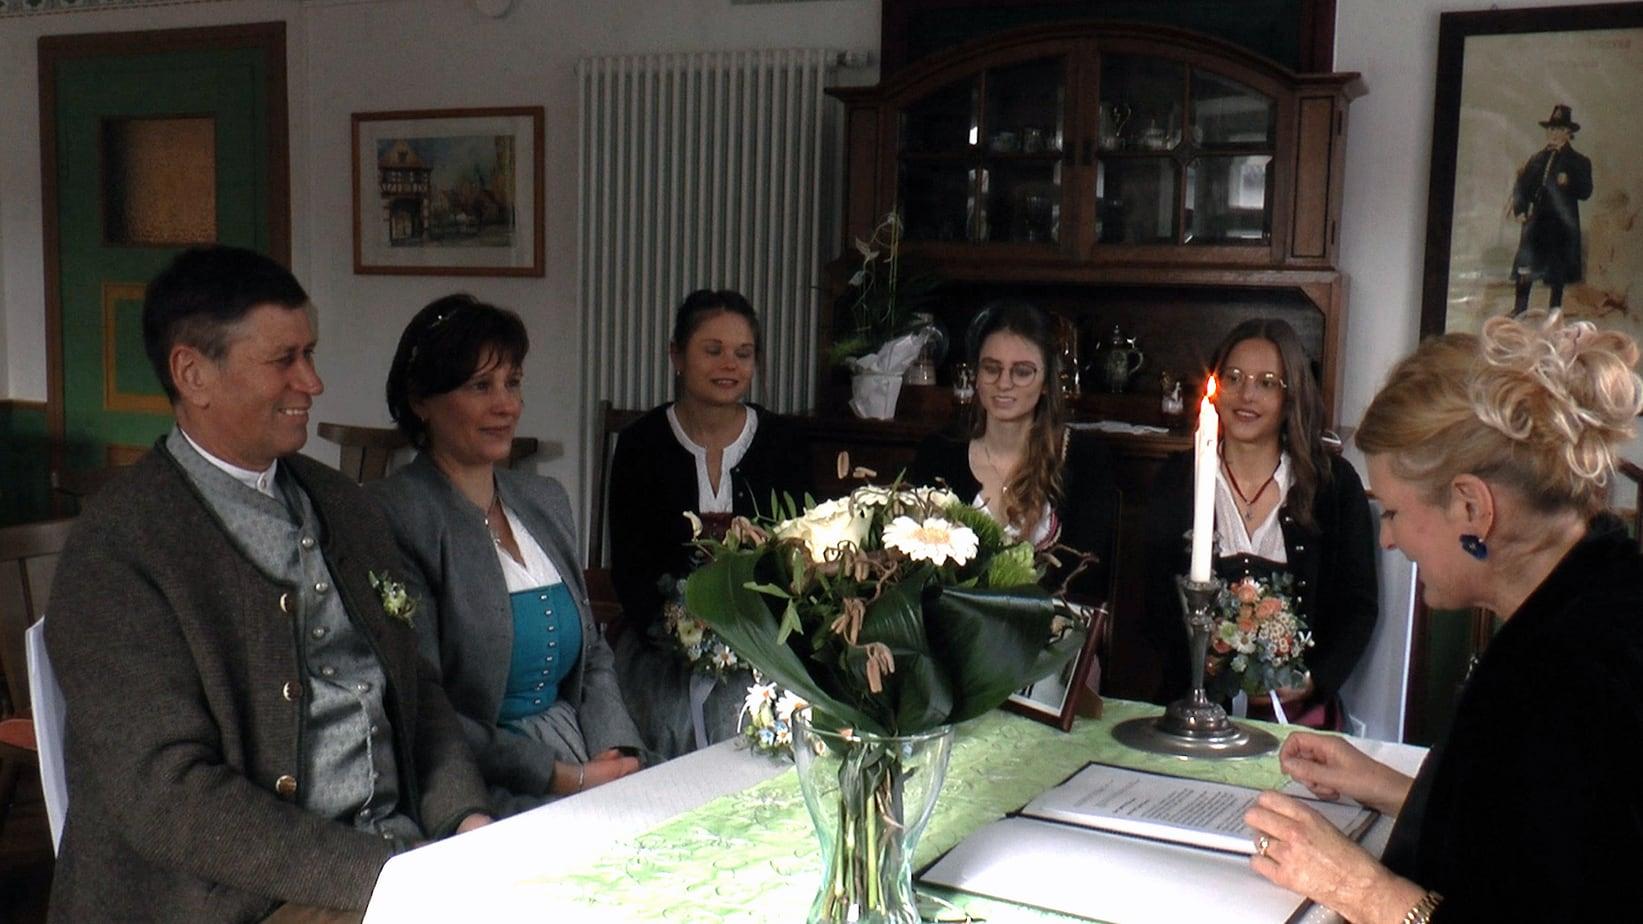 Hochzeitsvideo statt Livestream der Hochzeit